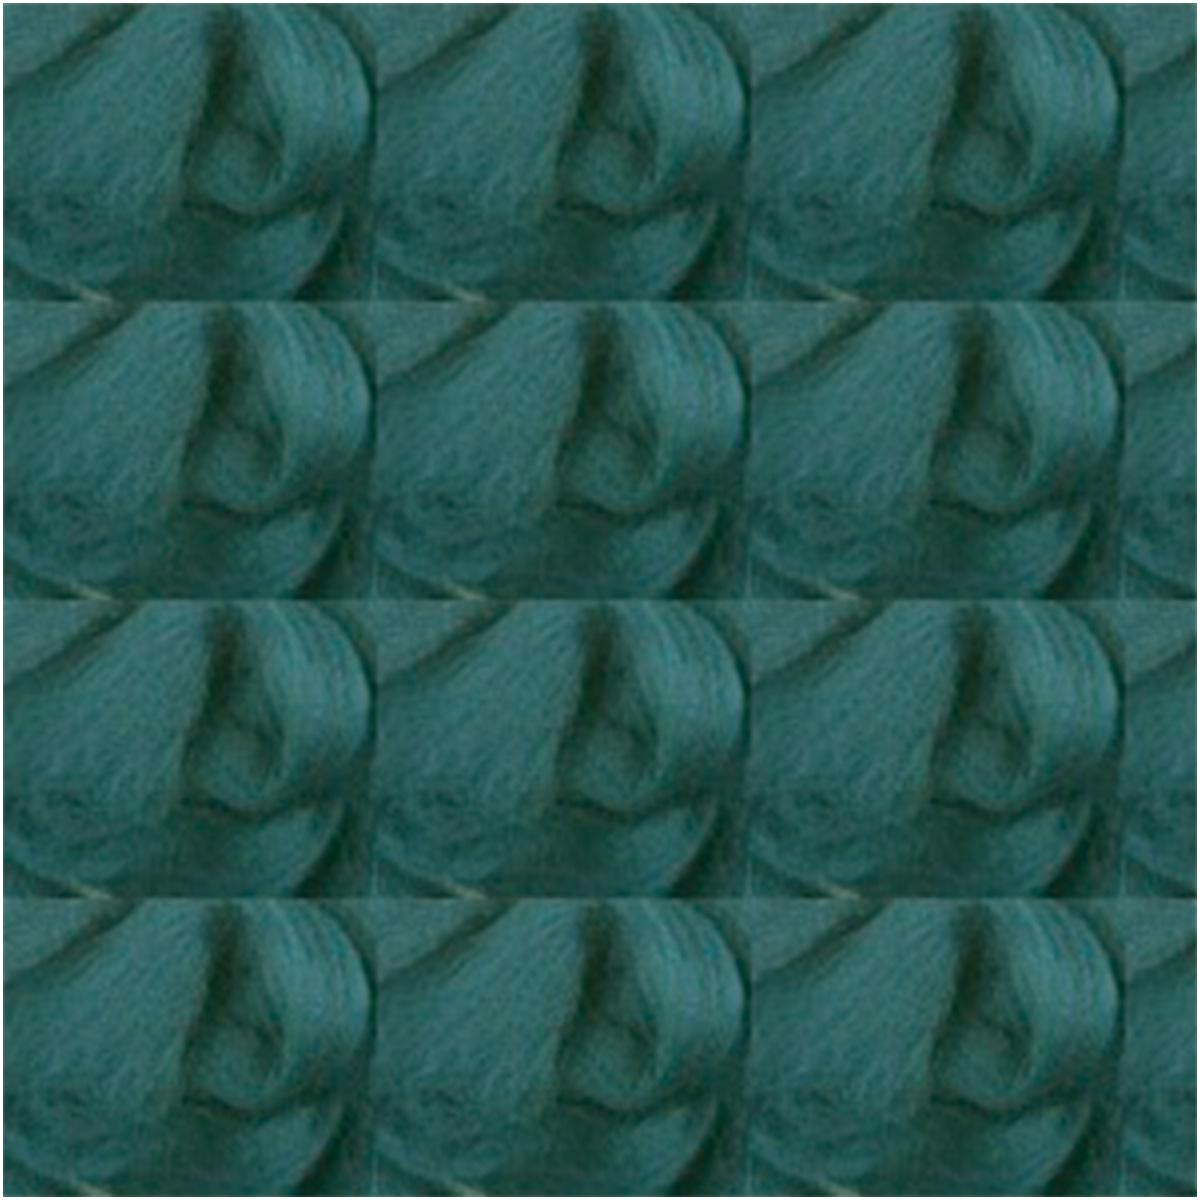 84329 2 ORCHIDEA Шерсть для валяния, цвет